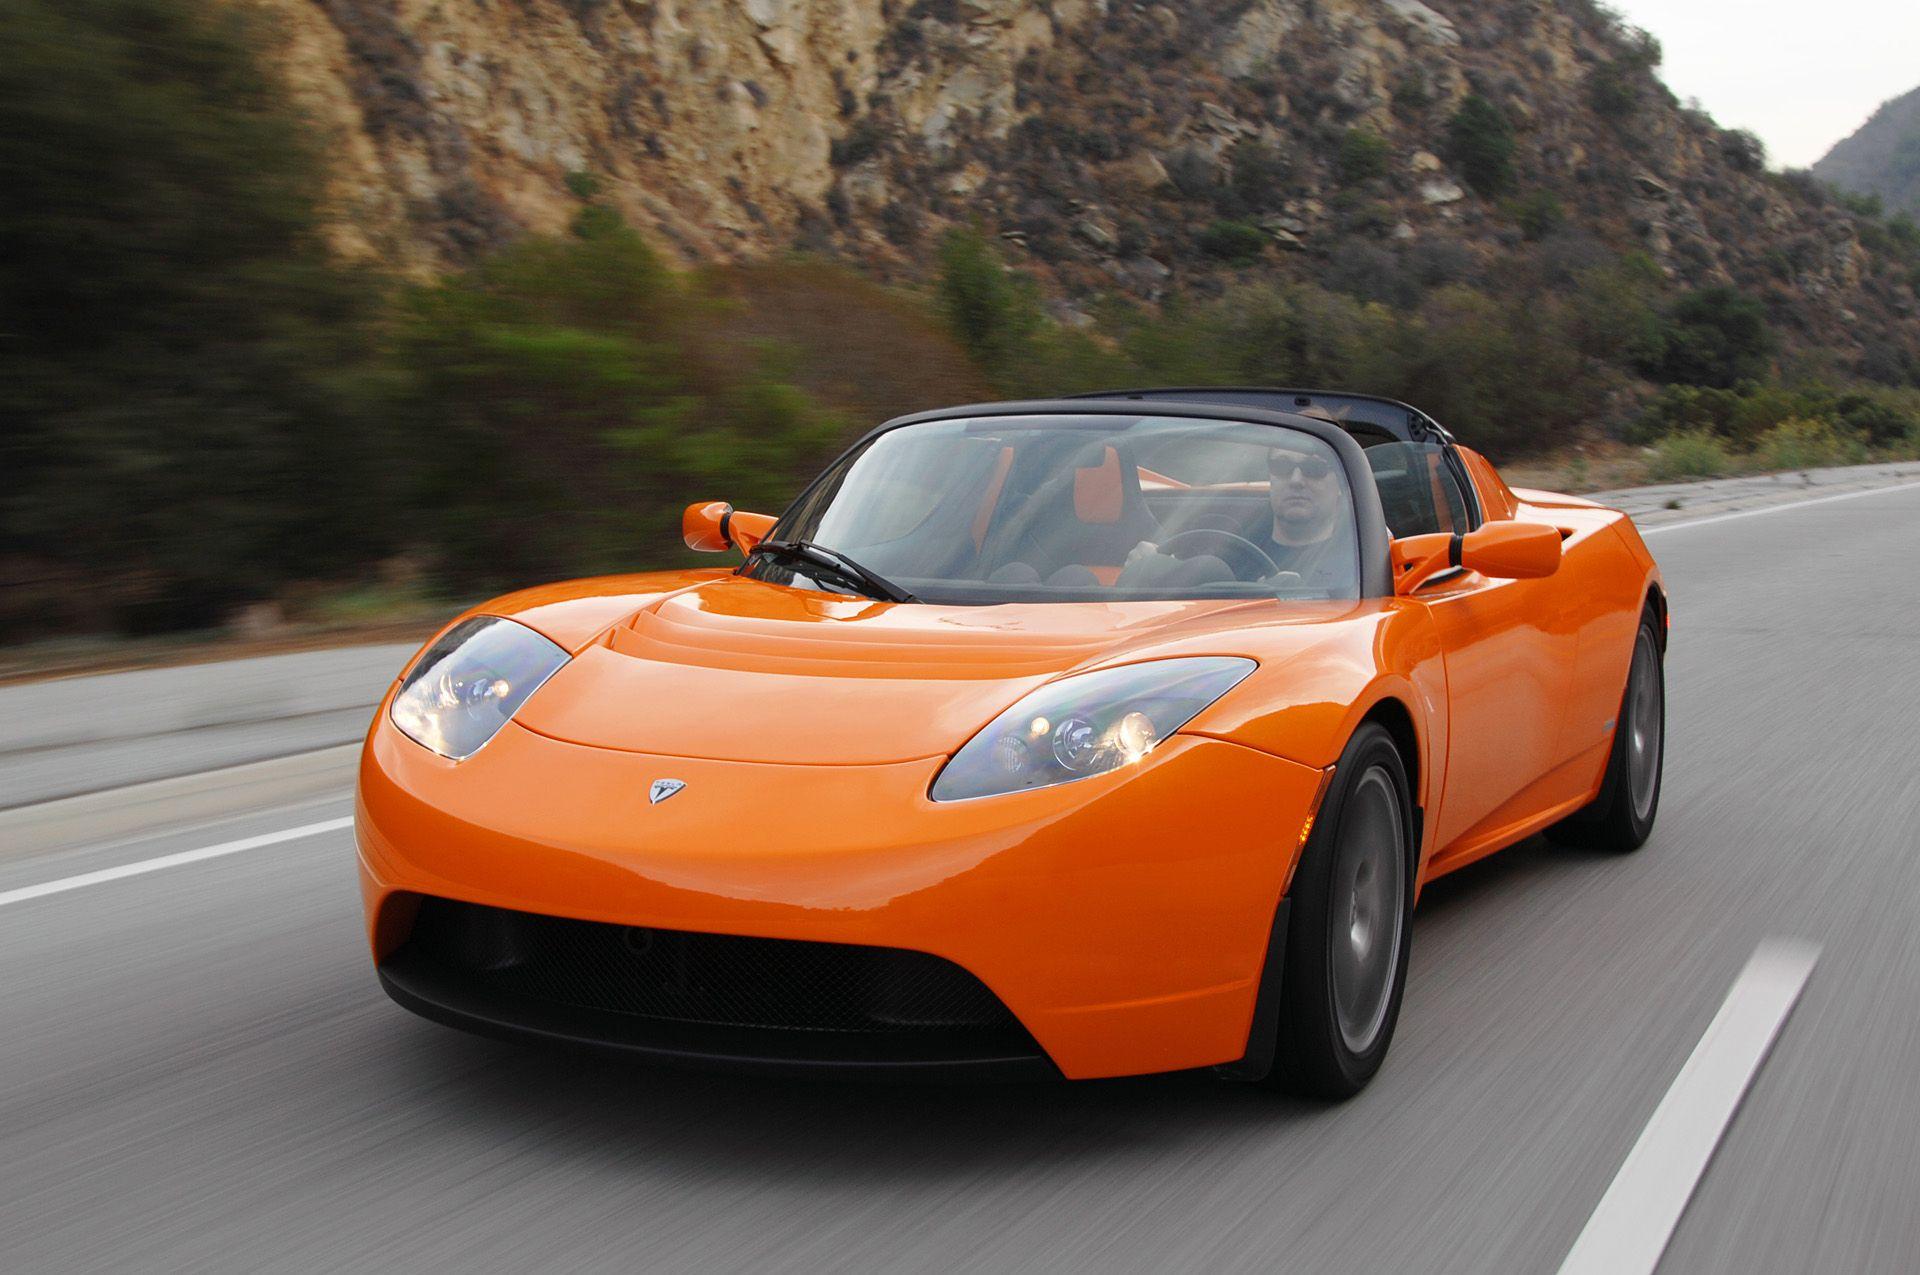 2008 orange tesla roadster cars pinterest. Black Bedroom Furniture Sets. Home Design Ideas